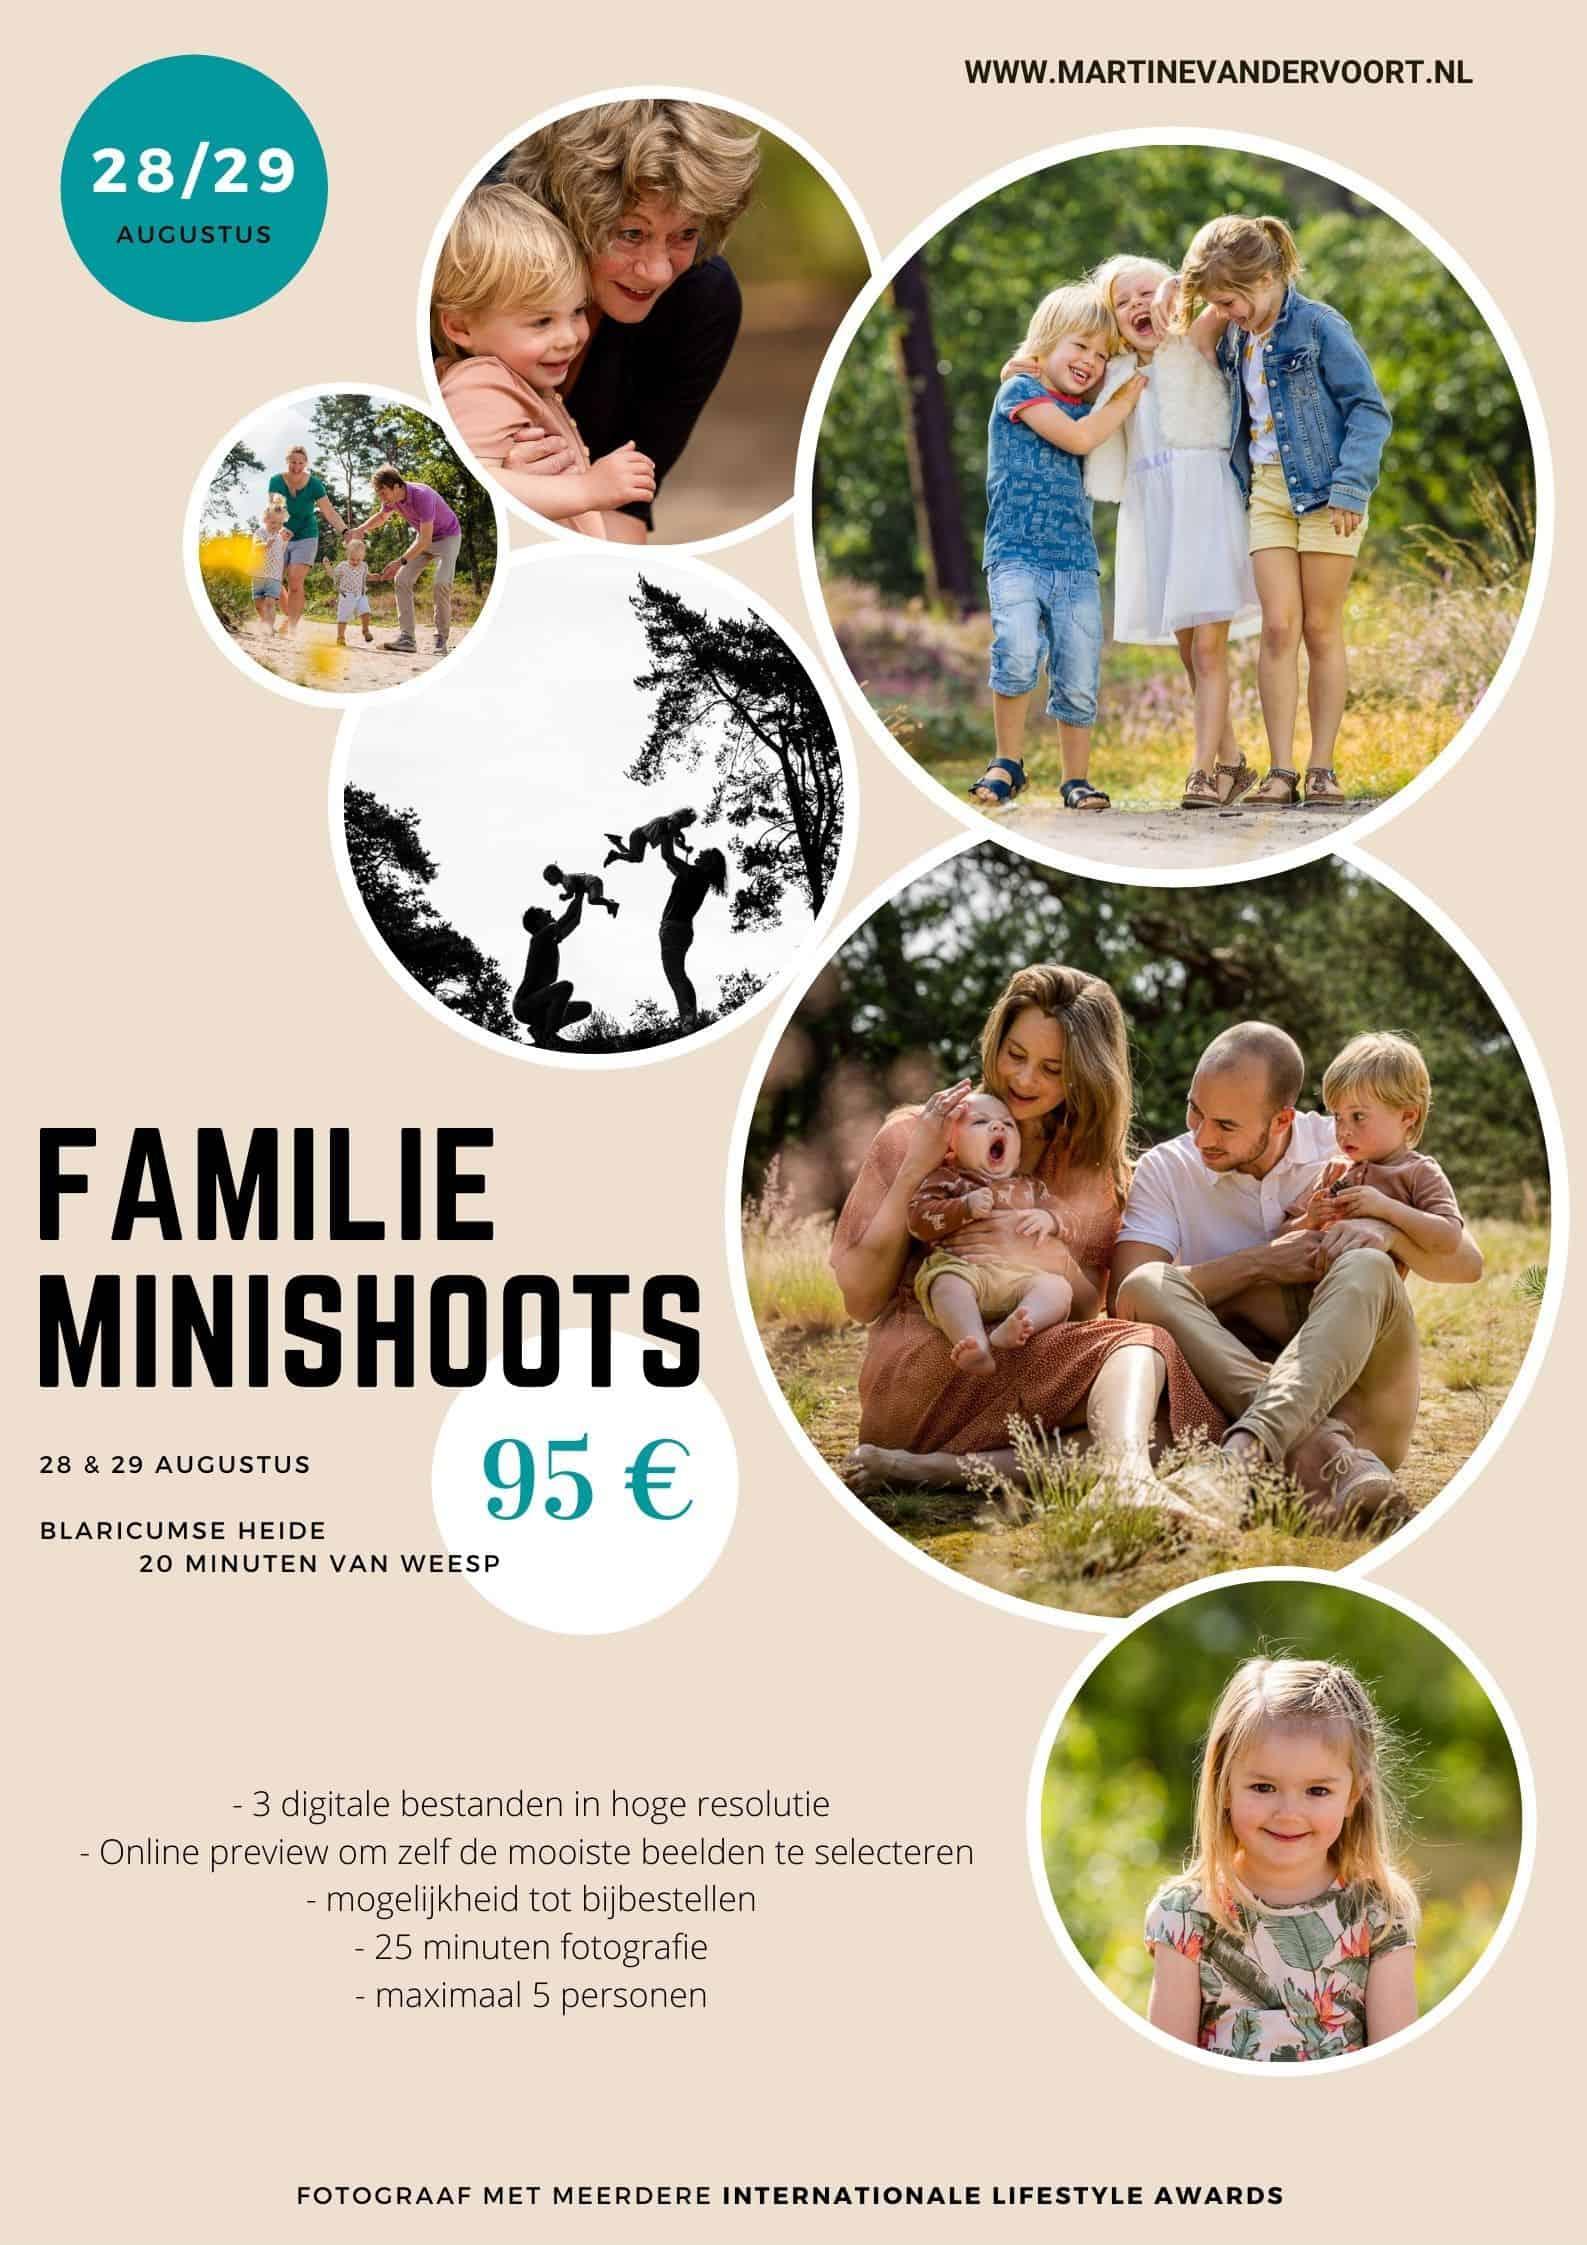 Minishoot familiereportage op de hei in Blaricum, Martine van der Voort Fotografie